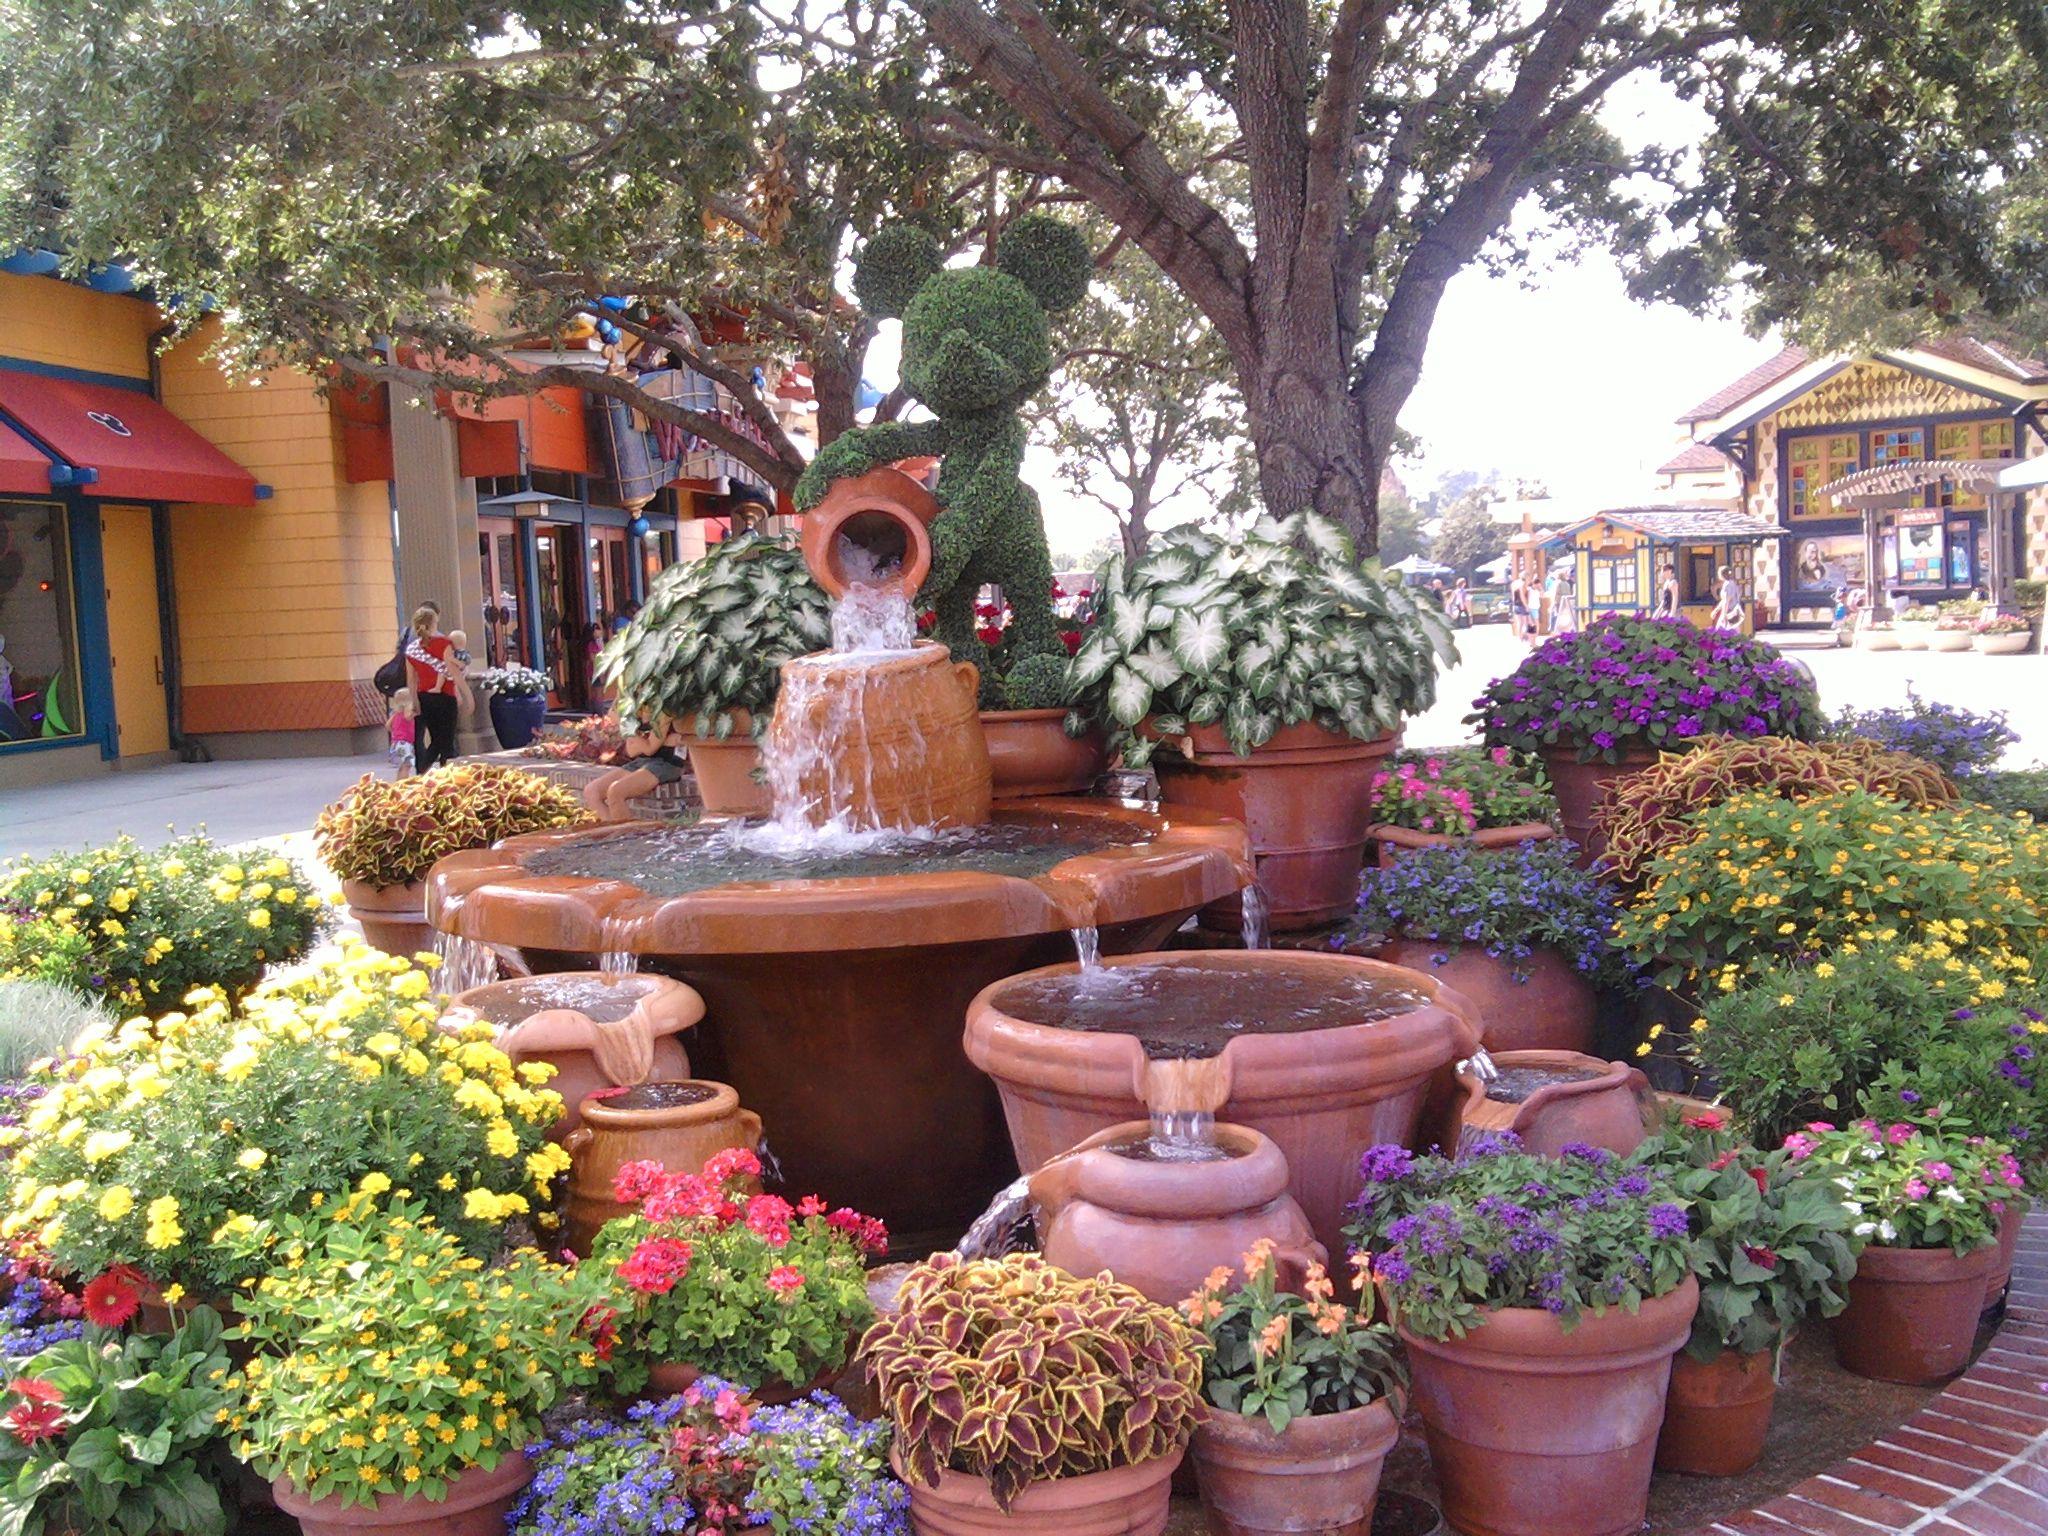 Downtown Disney Container Garden Ideas With Fountain Florida